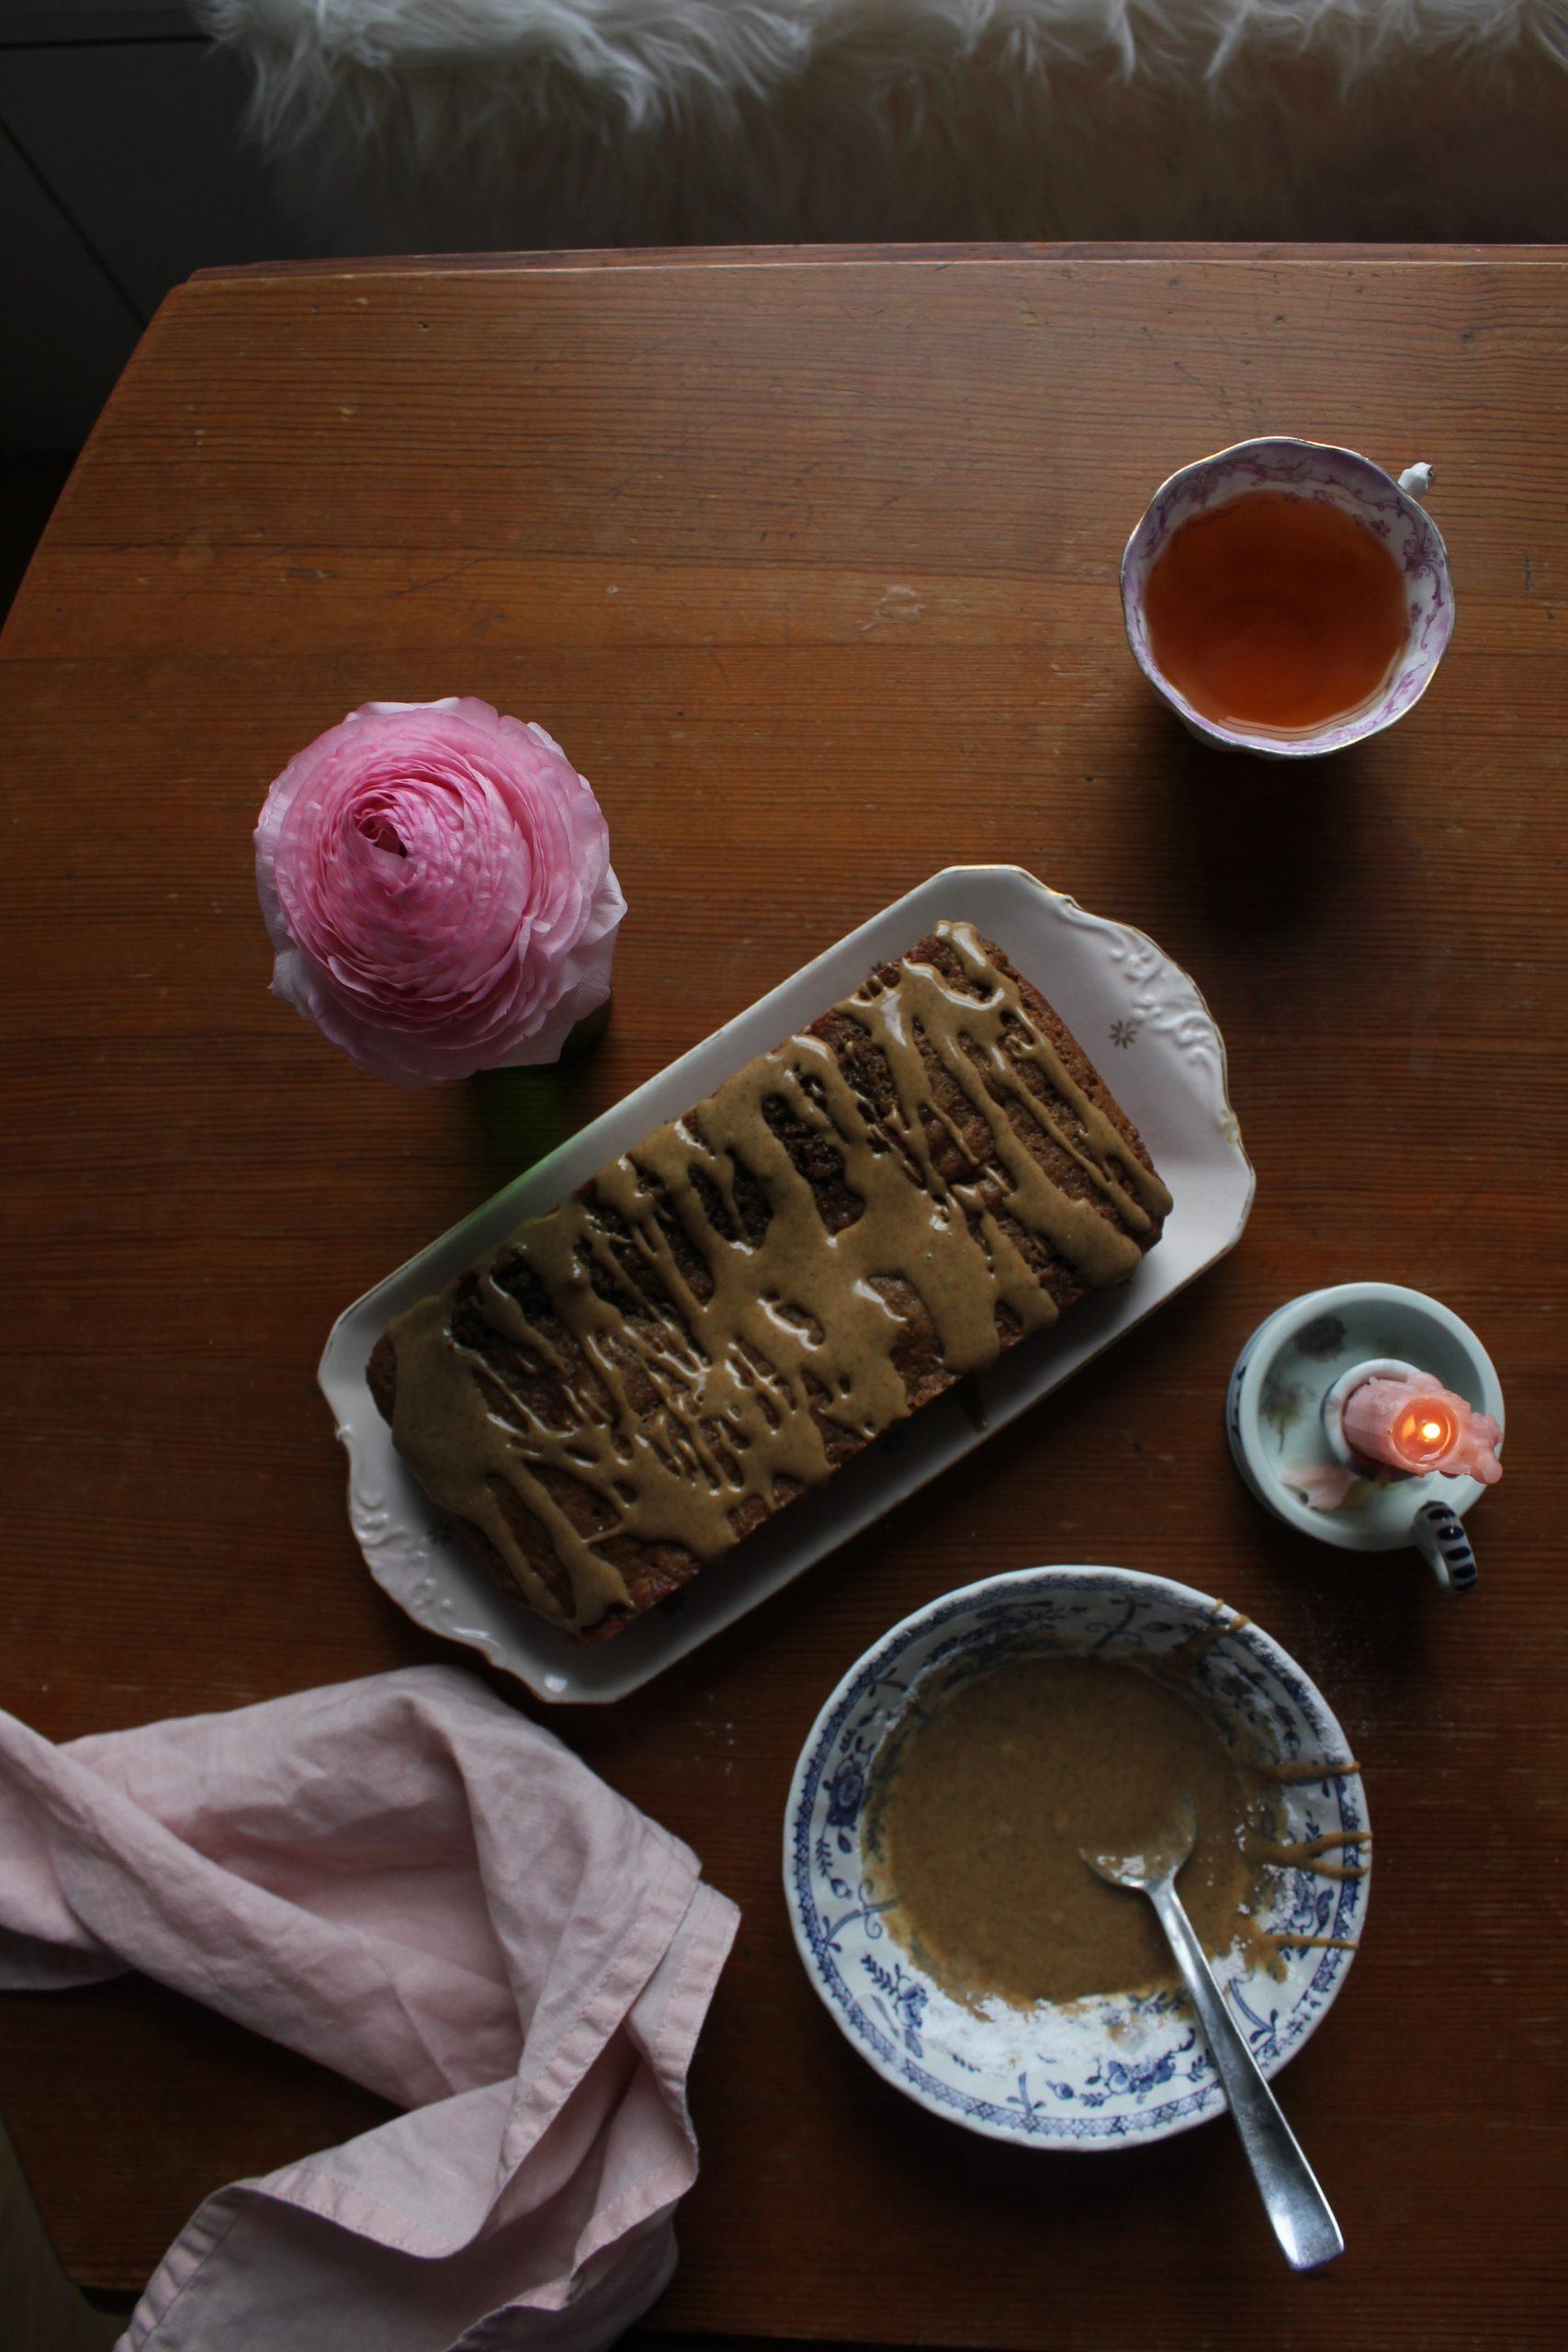 Coffee and cardamom cake